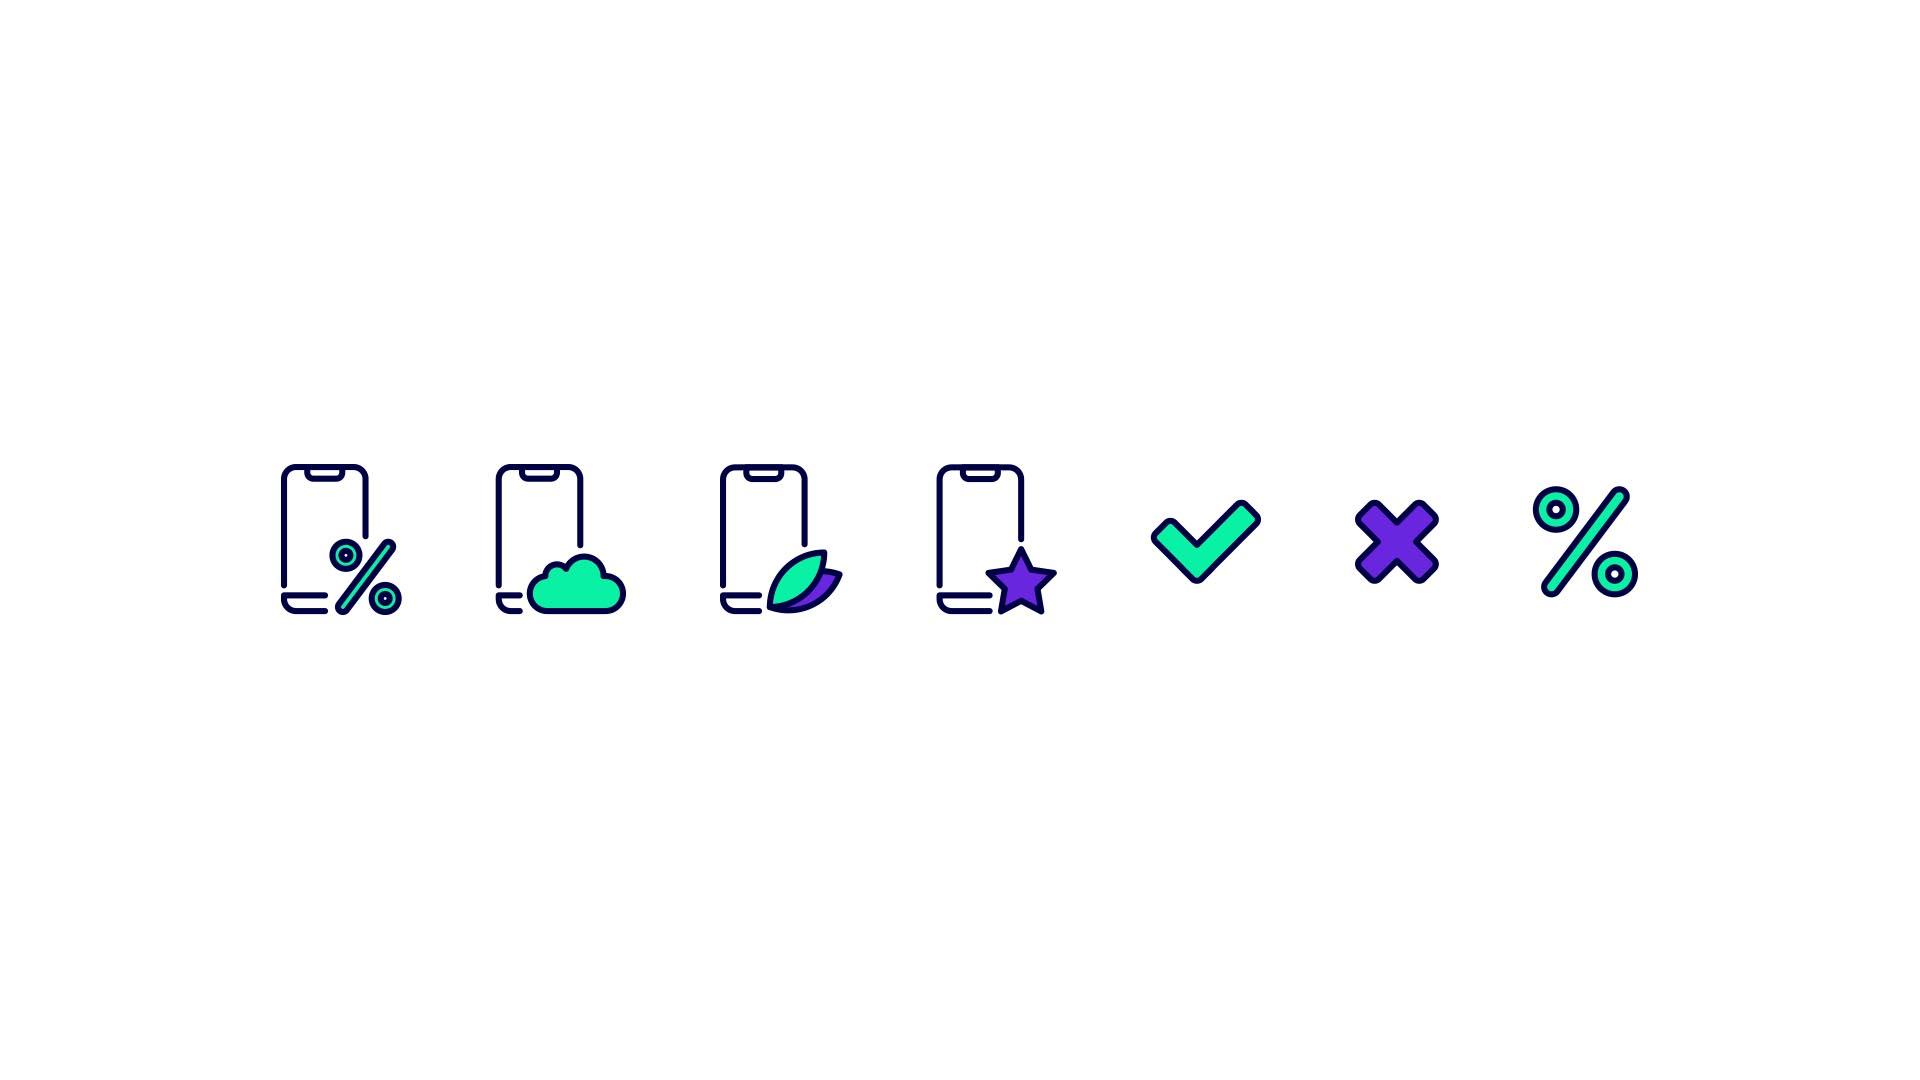 création des icones pour l'application Socle App par Axel Mary designer graphique à Orléans